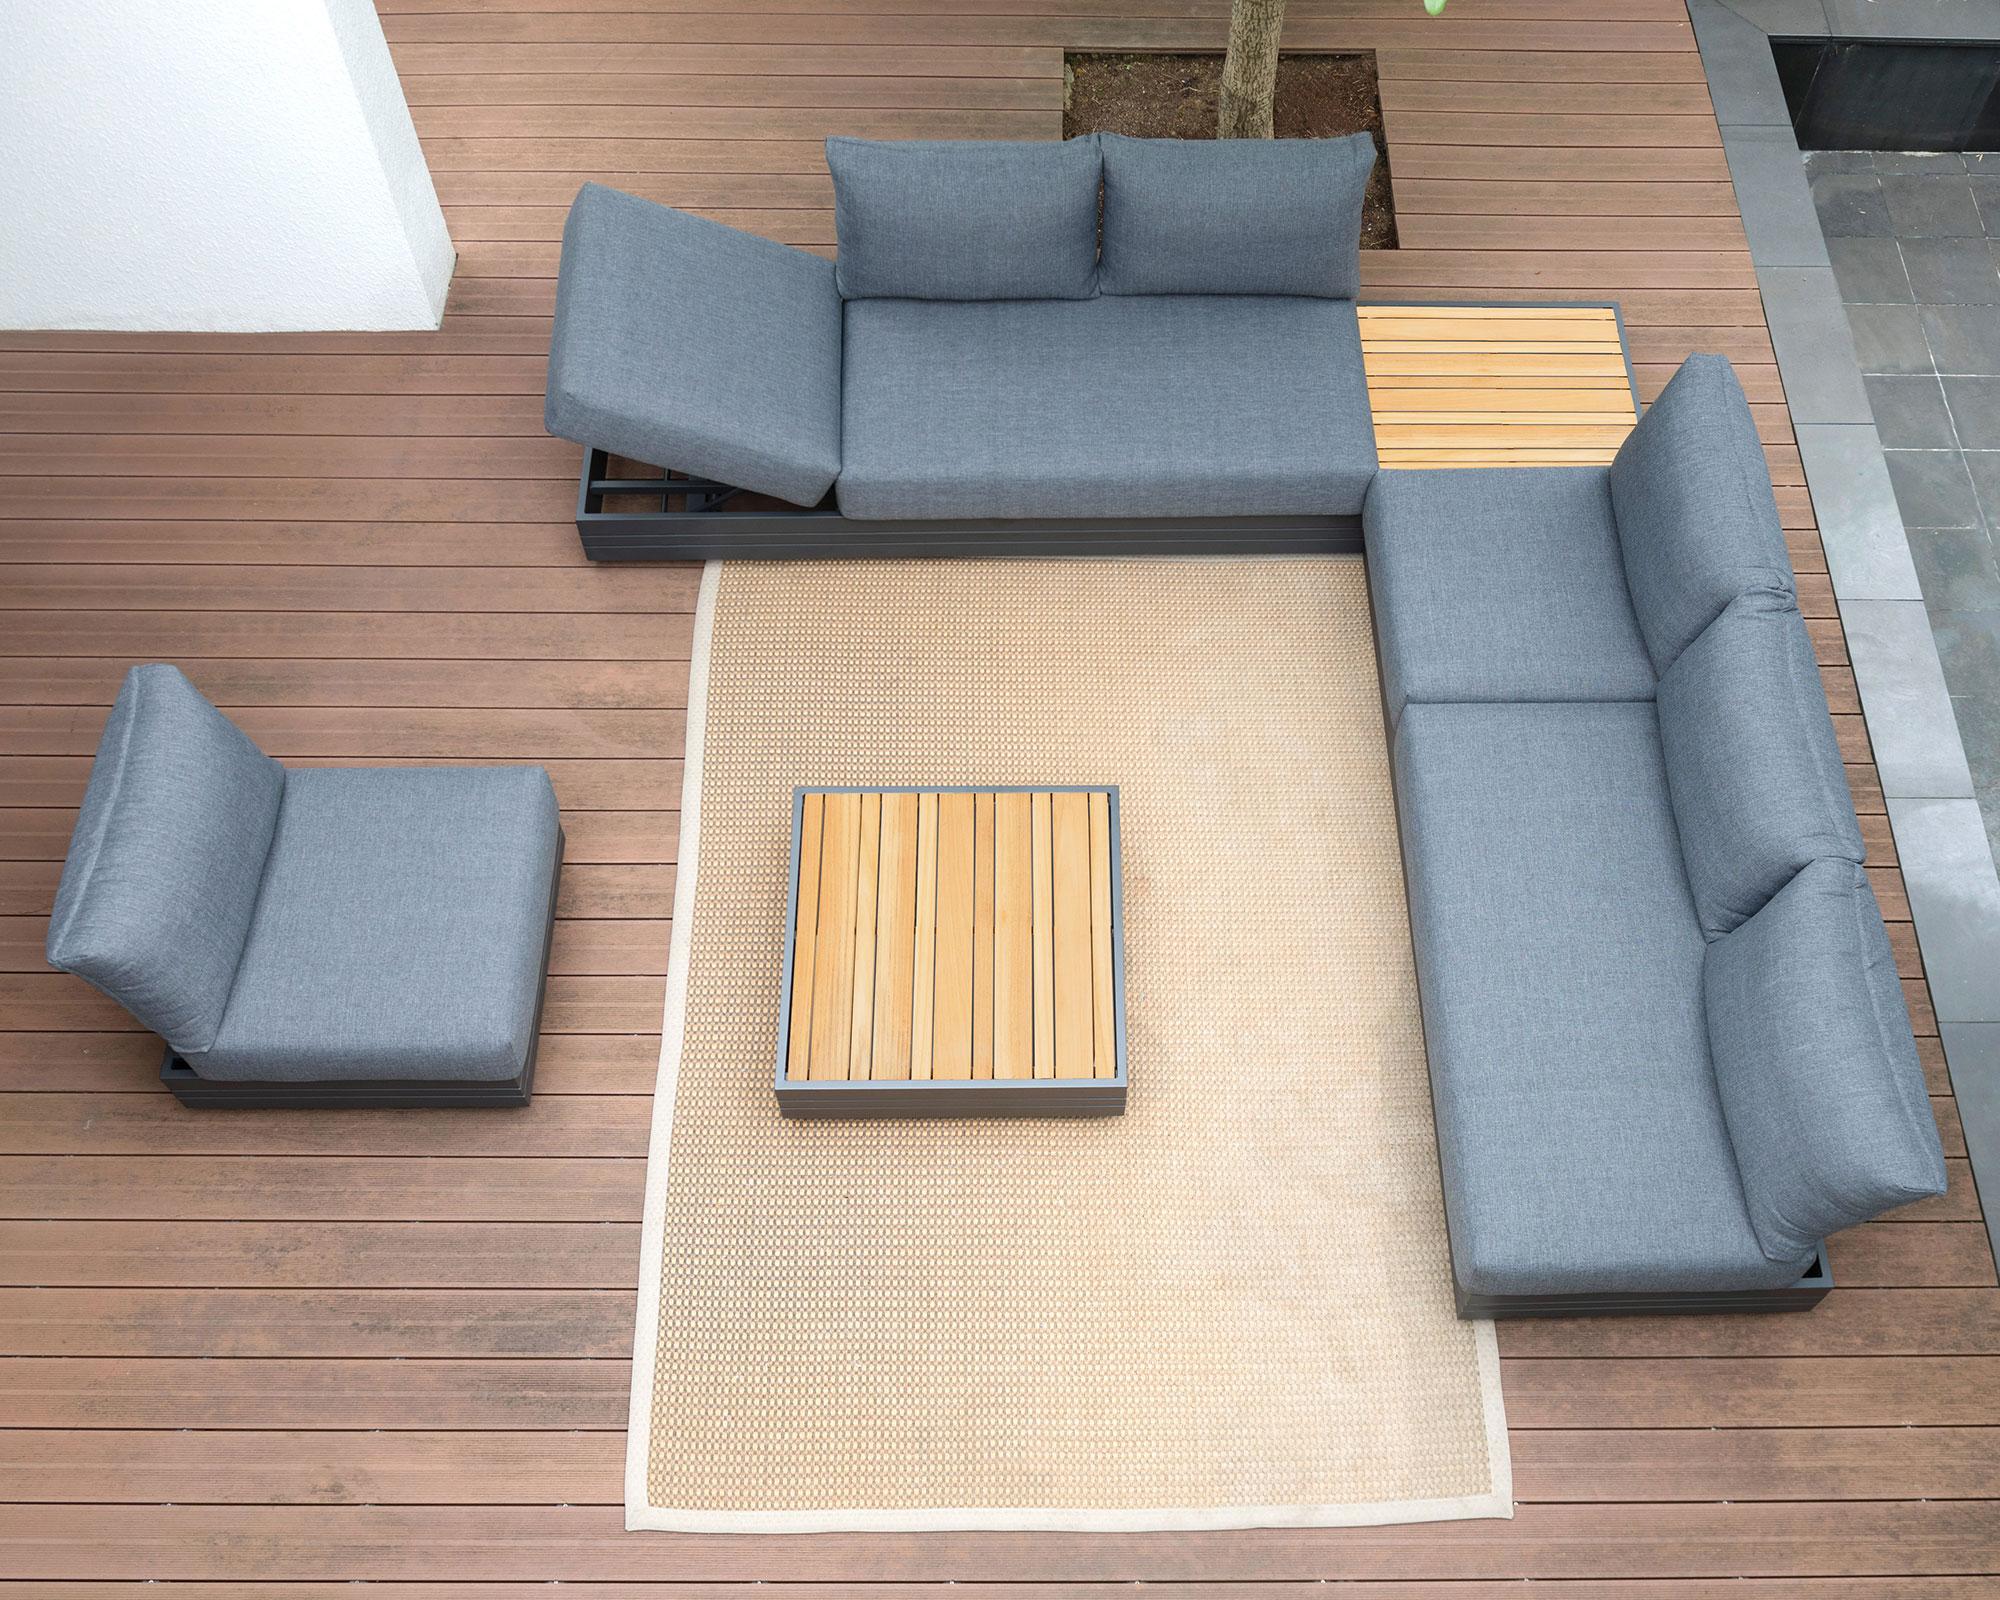 garten lounge set cubo gross online ausstellung. Black Bedroom Furniture Sets. Home Design Ideas